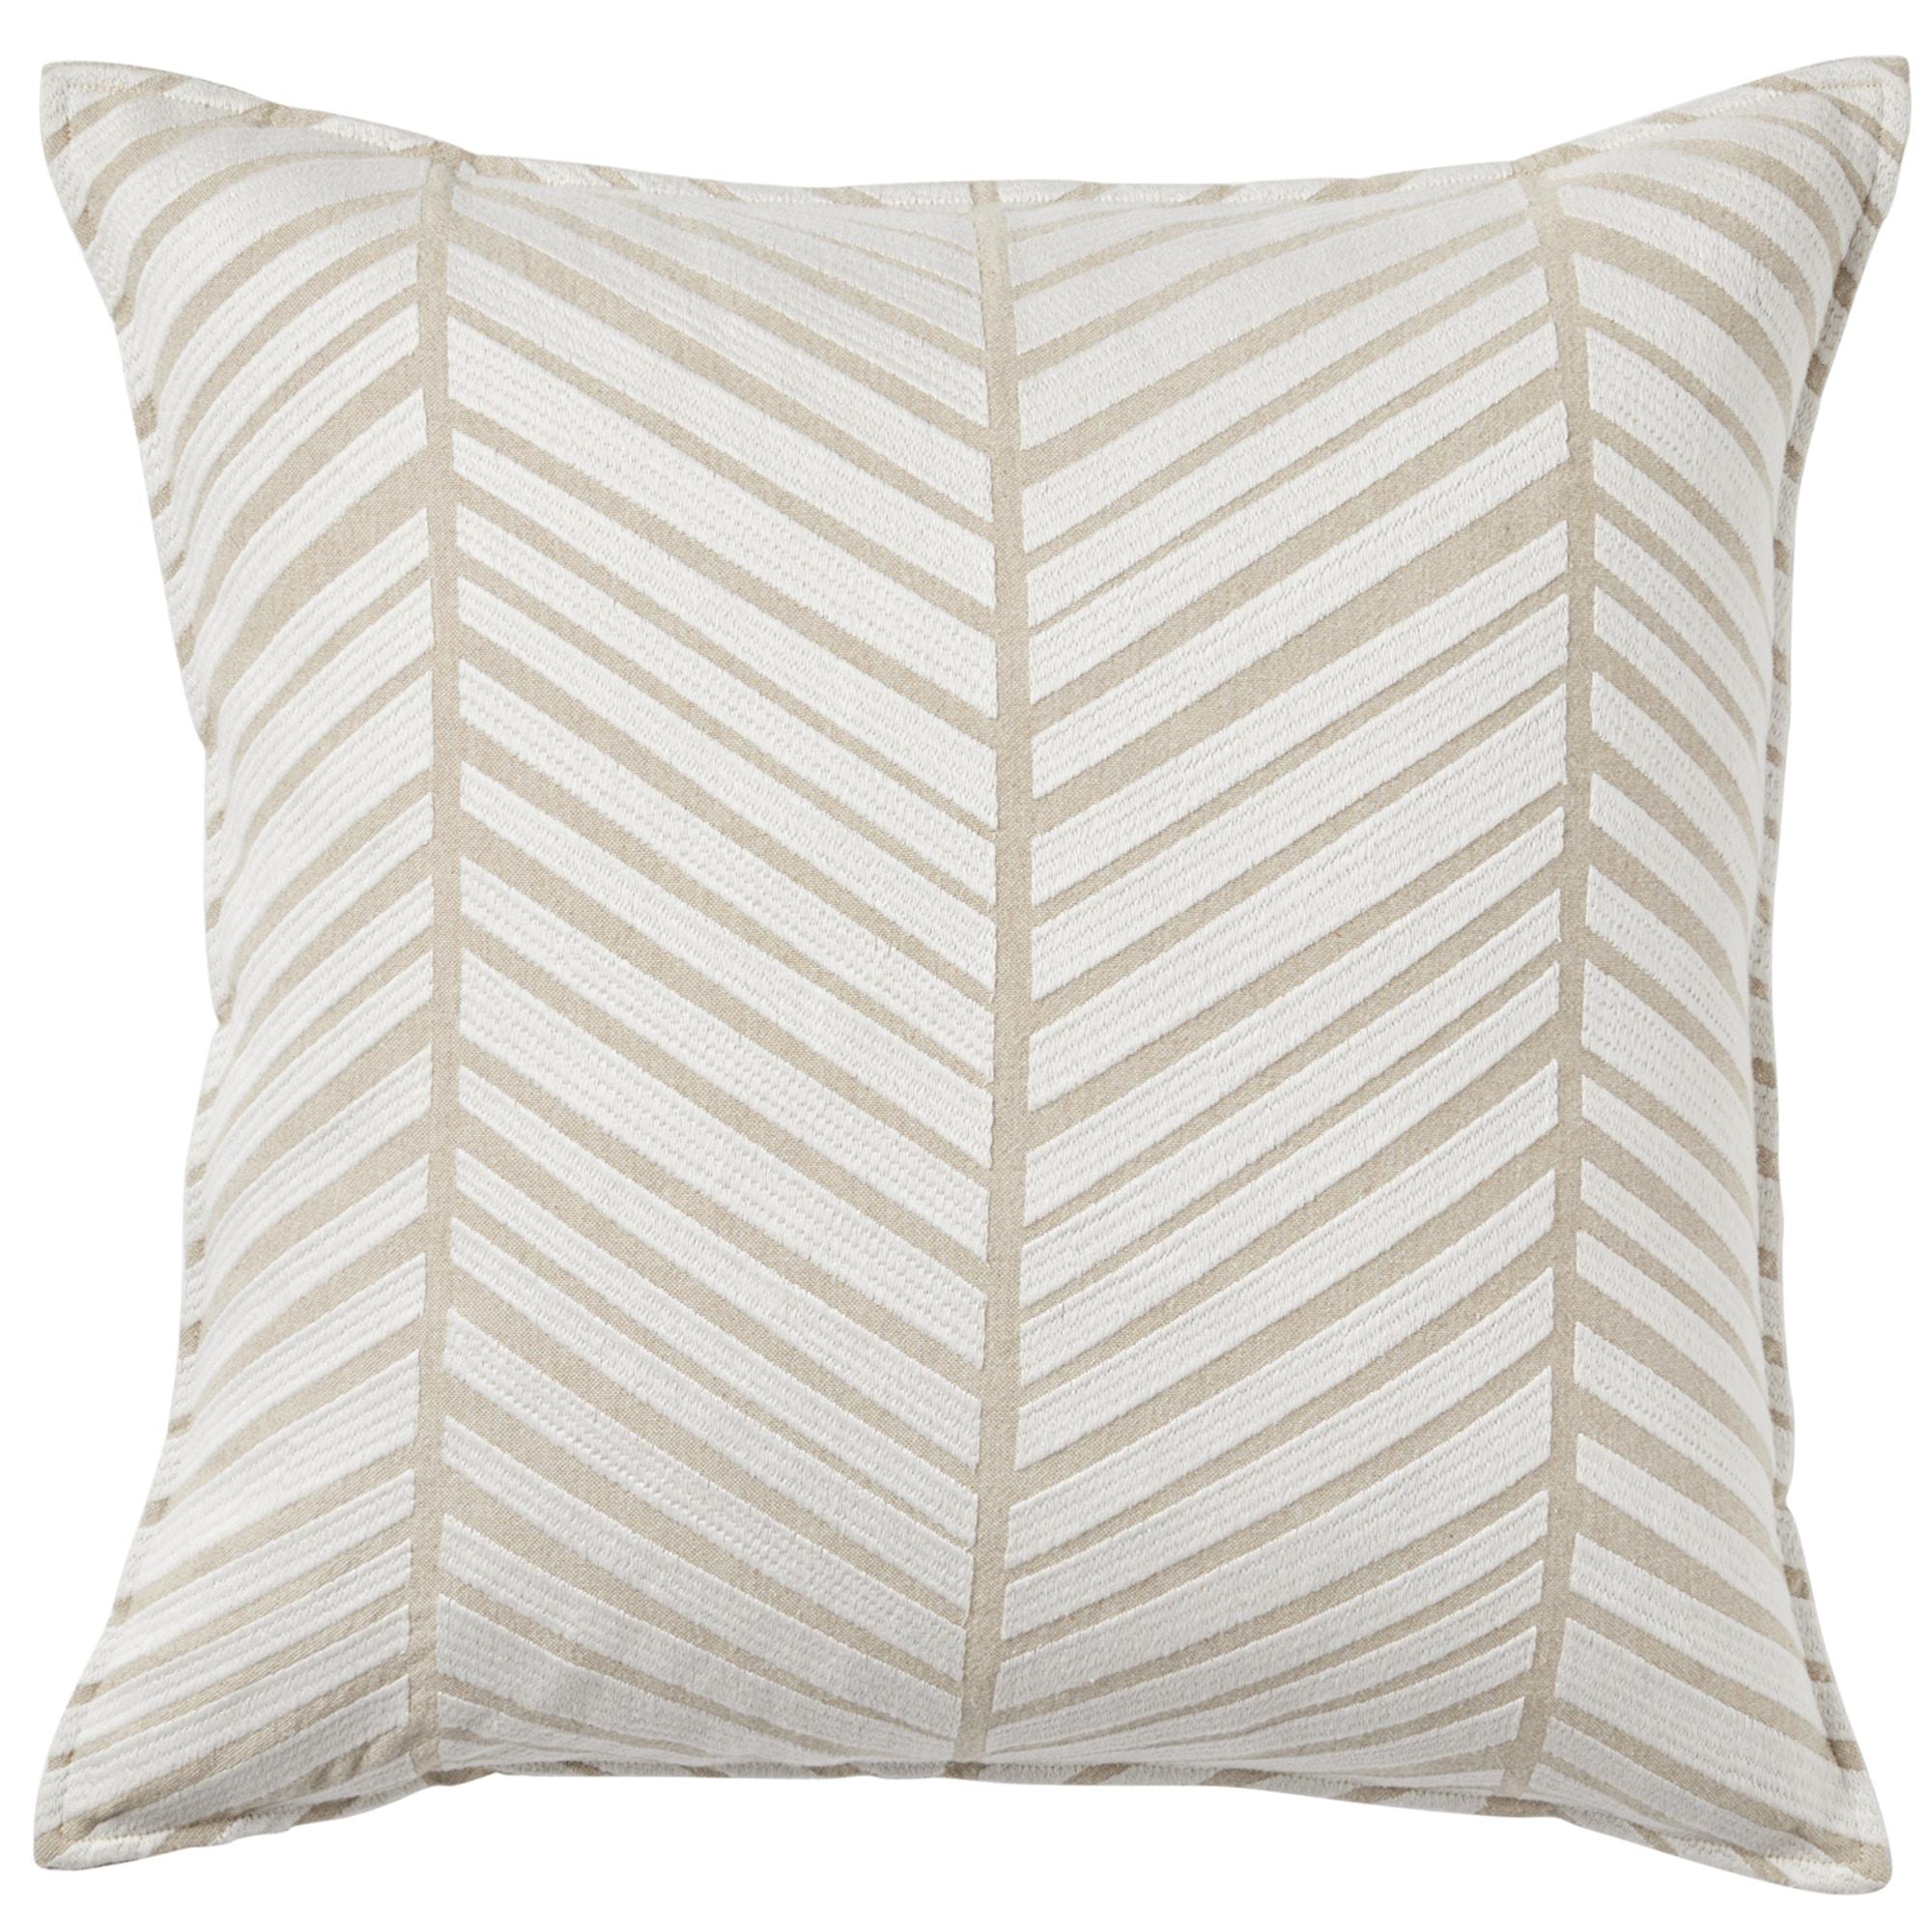 Sand Malaga Cotton Cushion